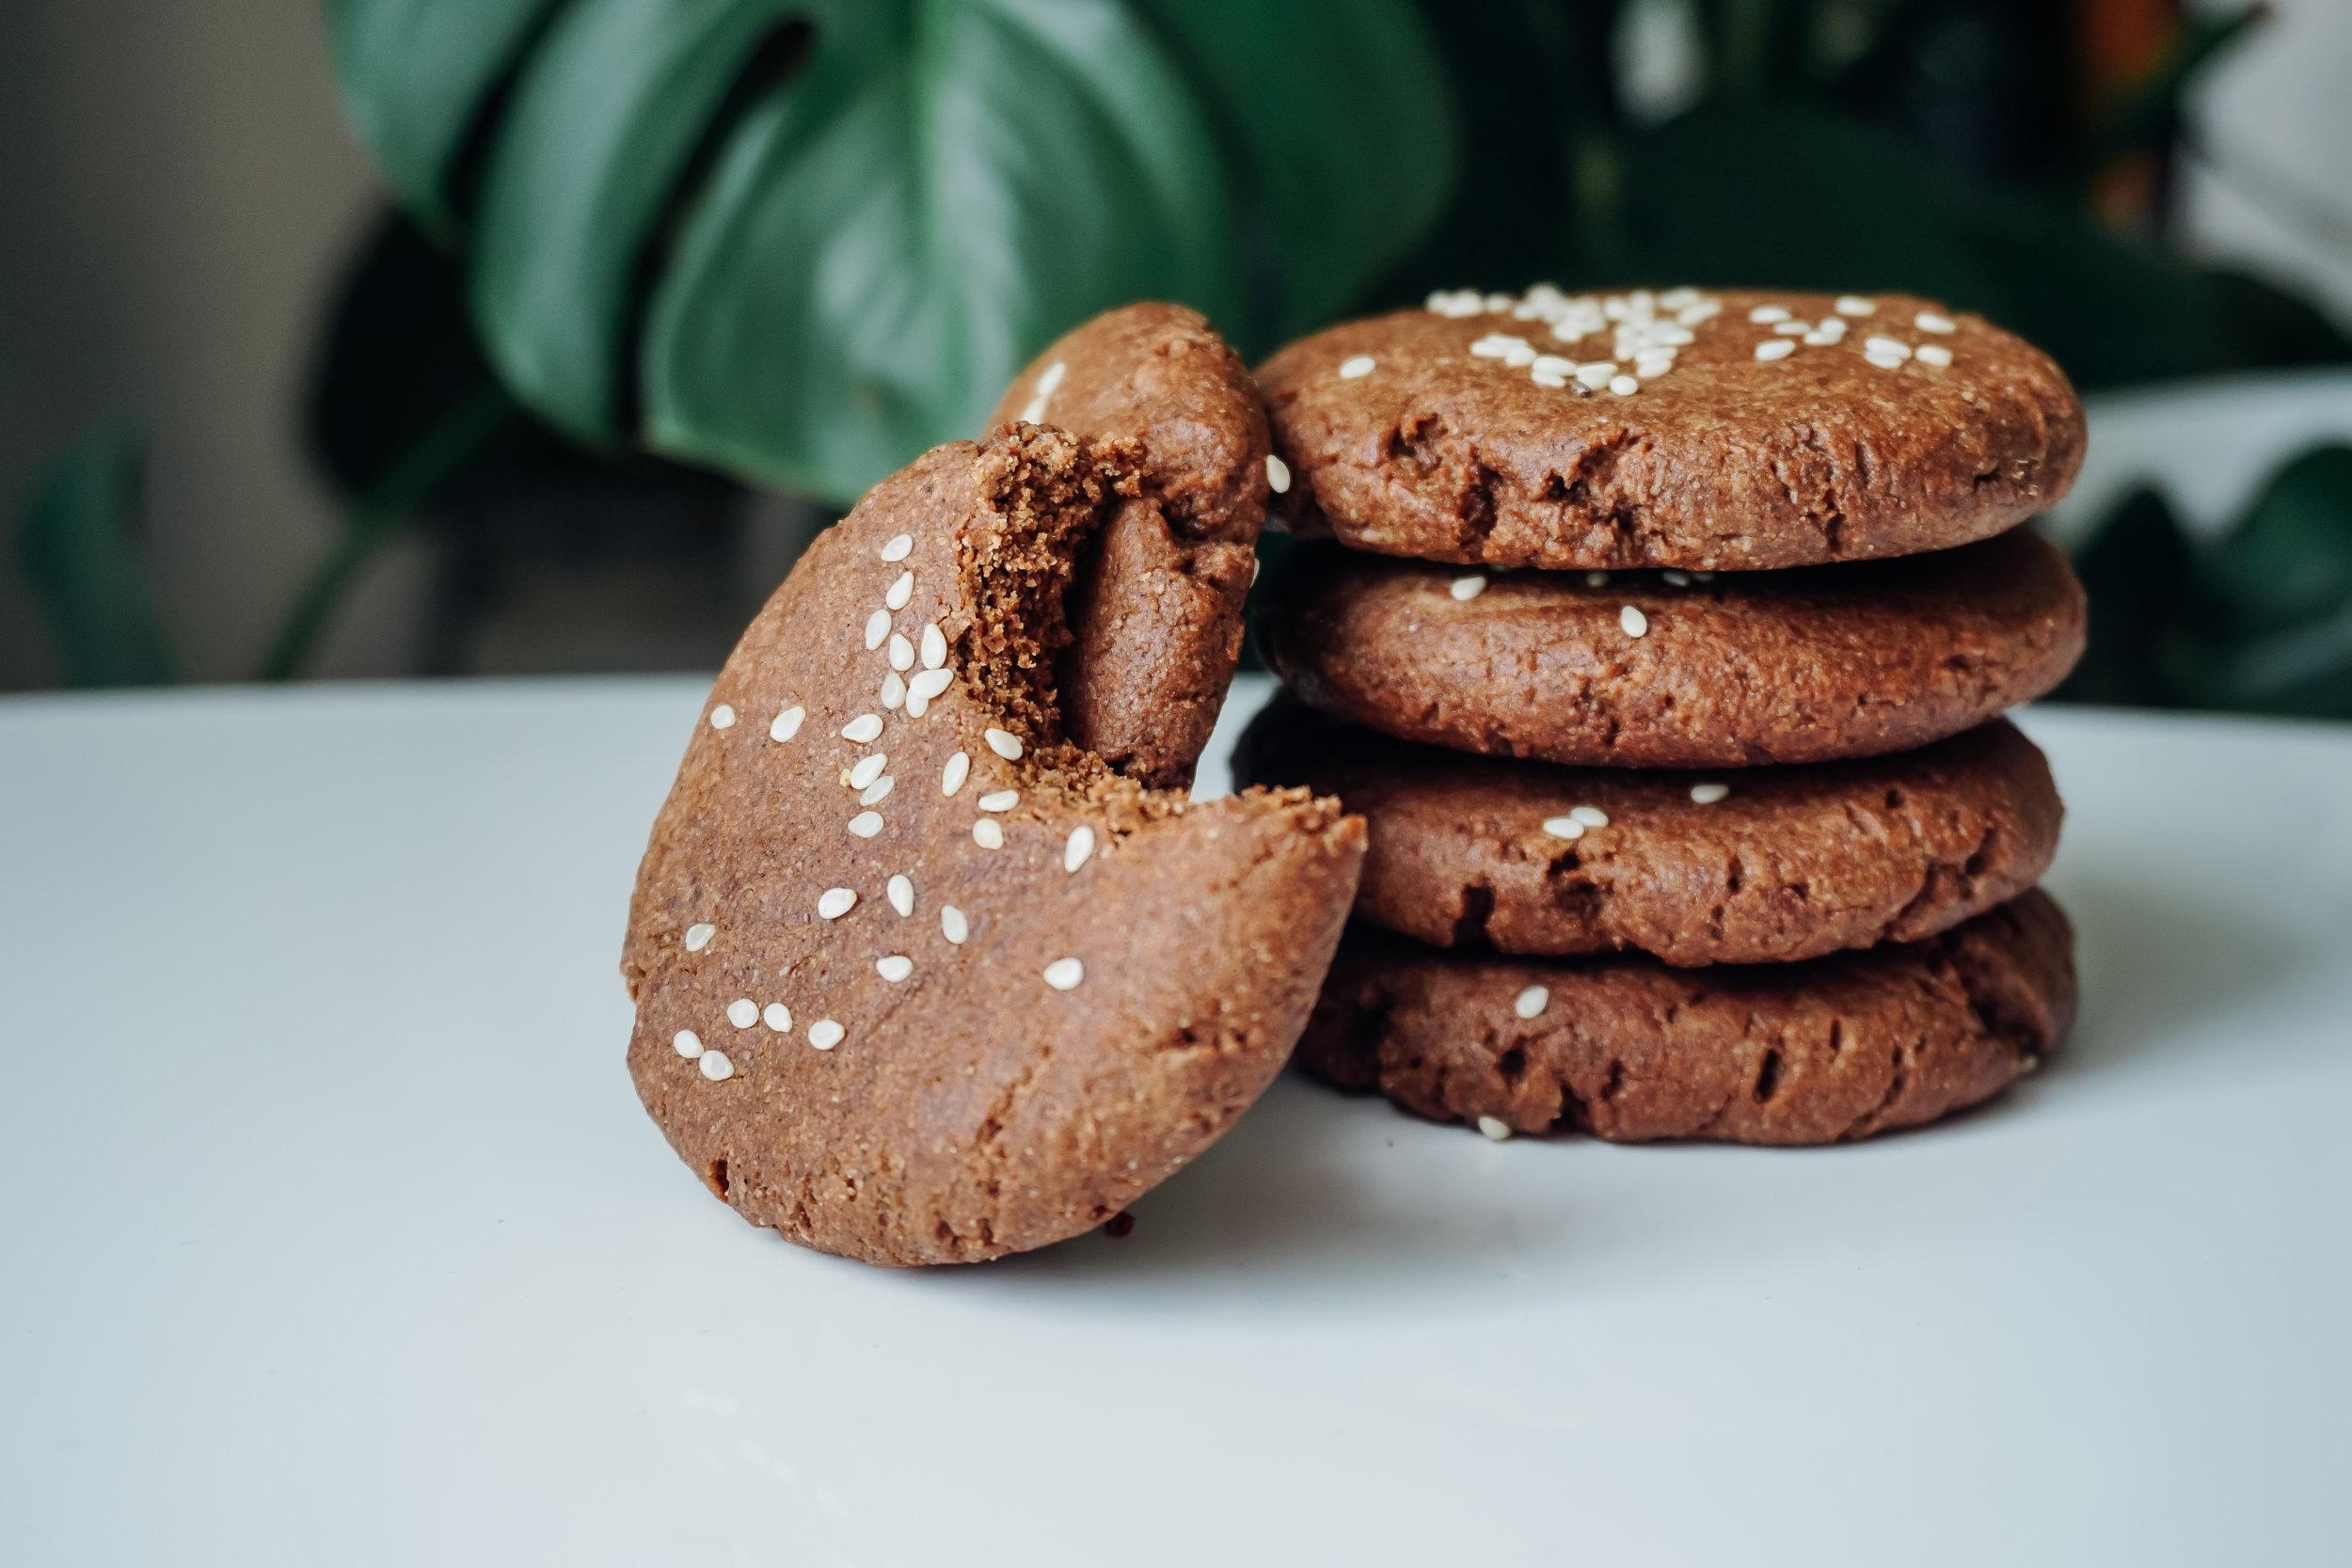 Chocolate Chaga Tahini Cookies gluten free dairy free | Living Minnaly__7.jpg